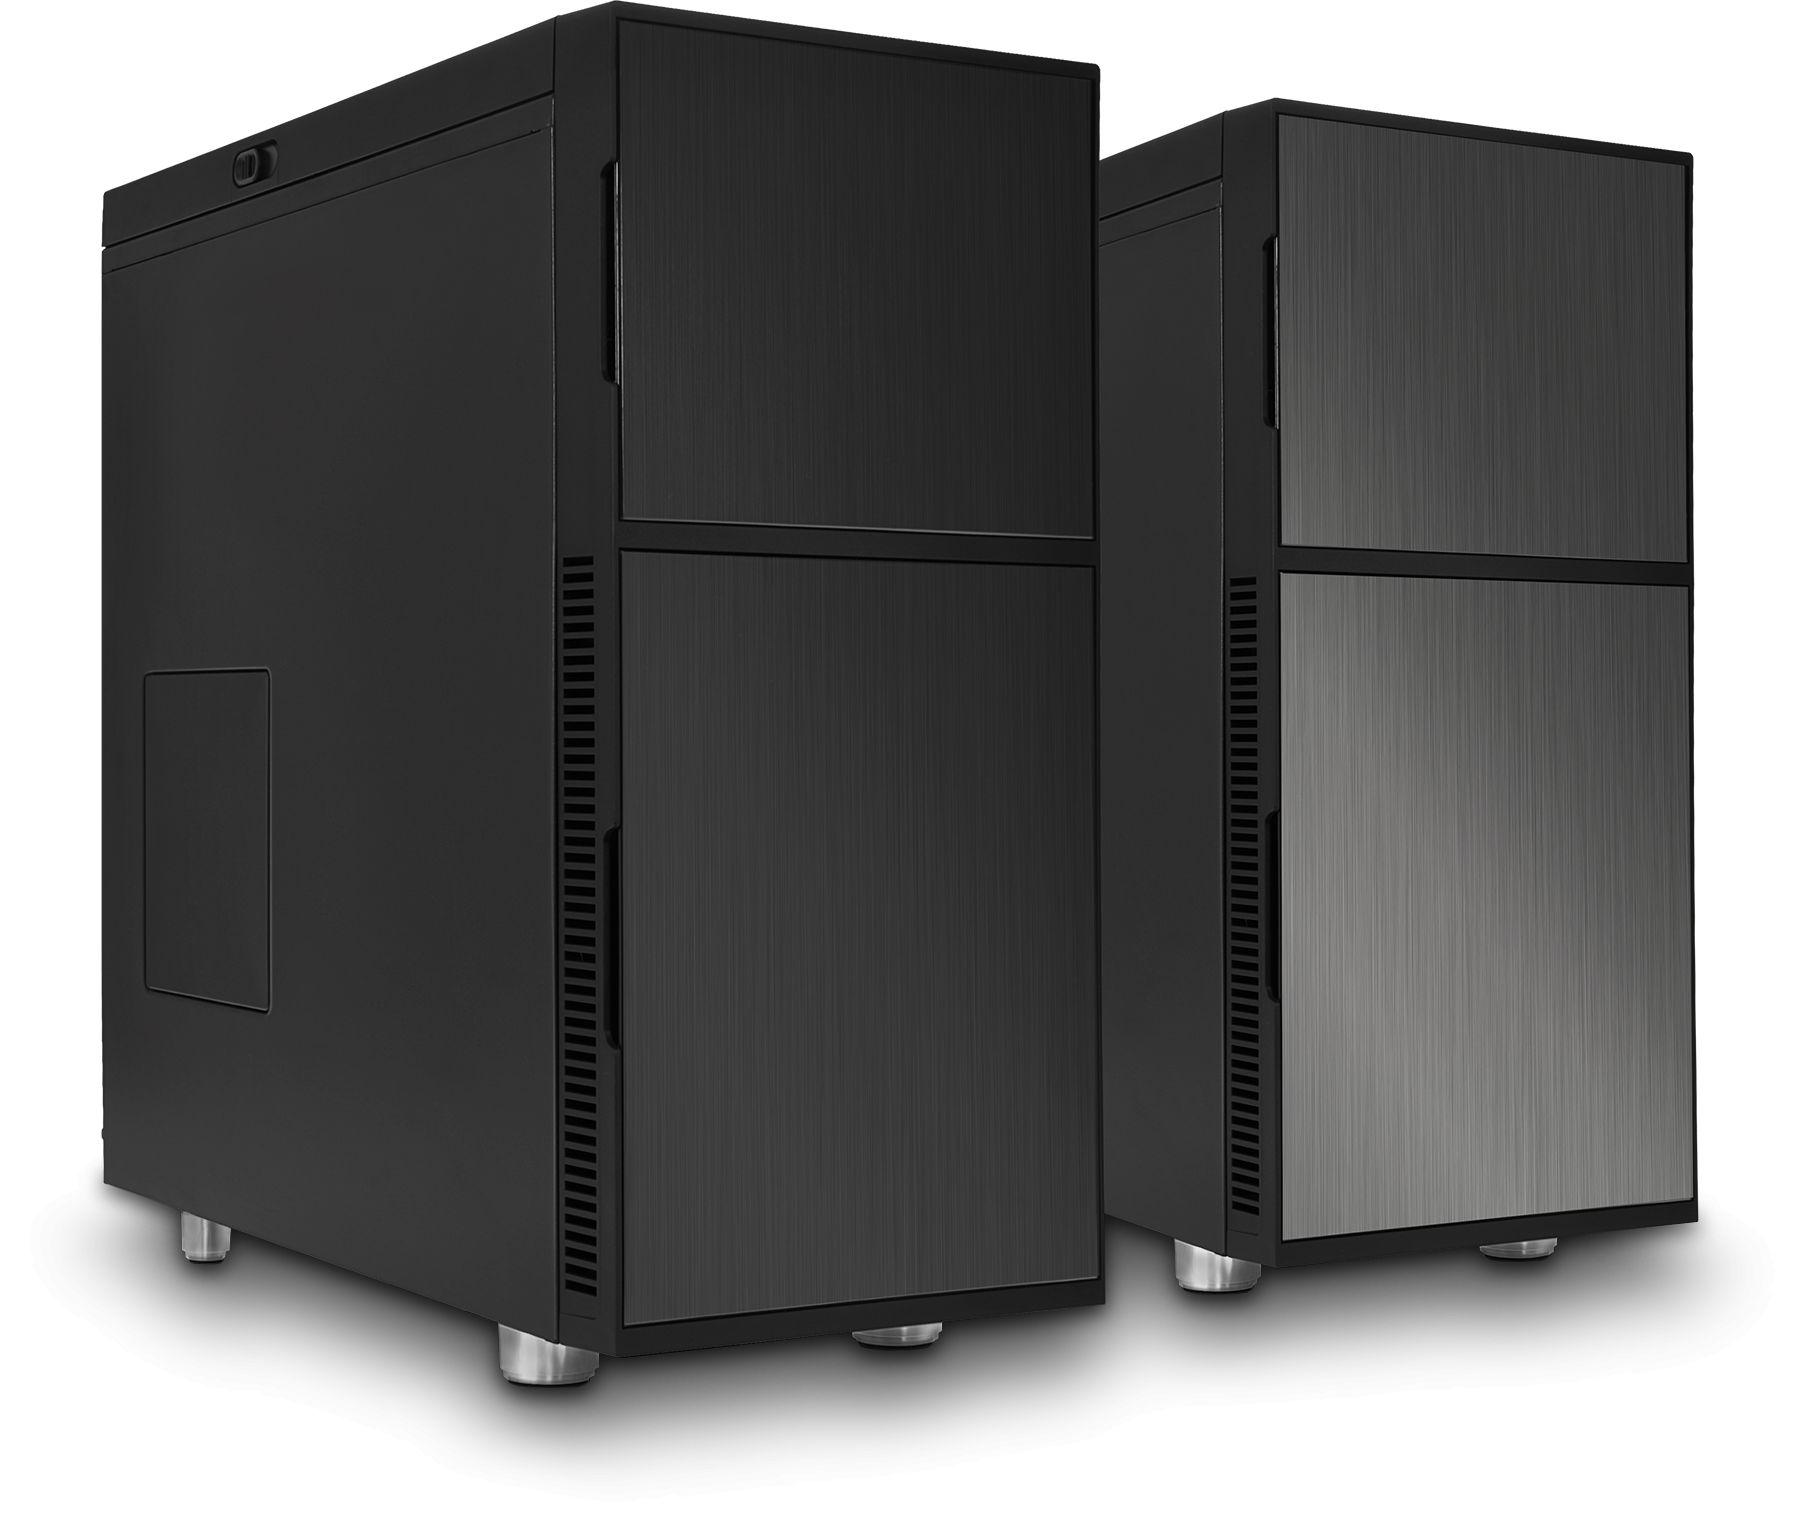 New Pc Build Best Case